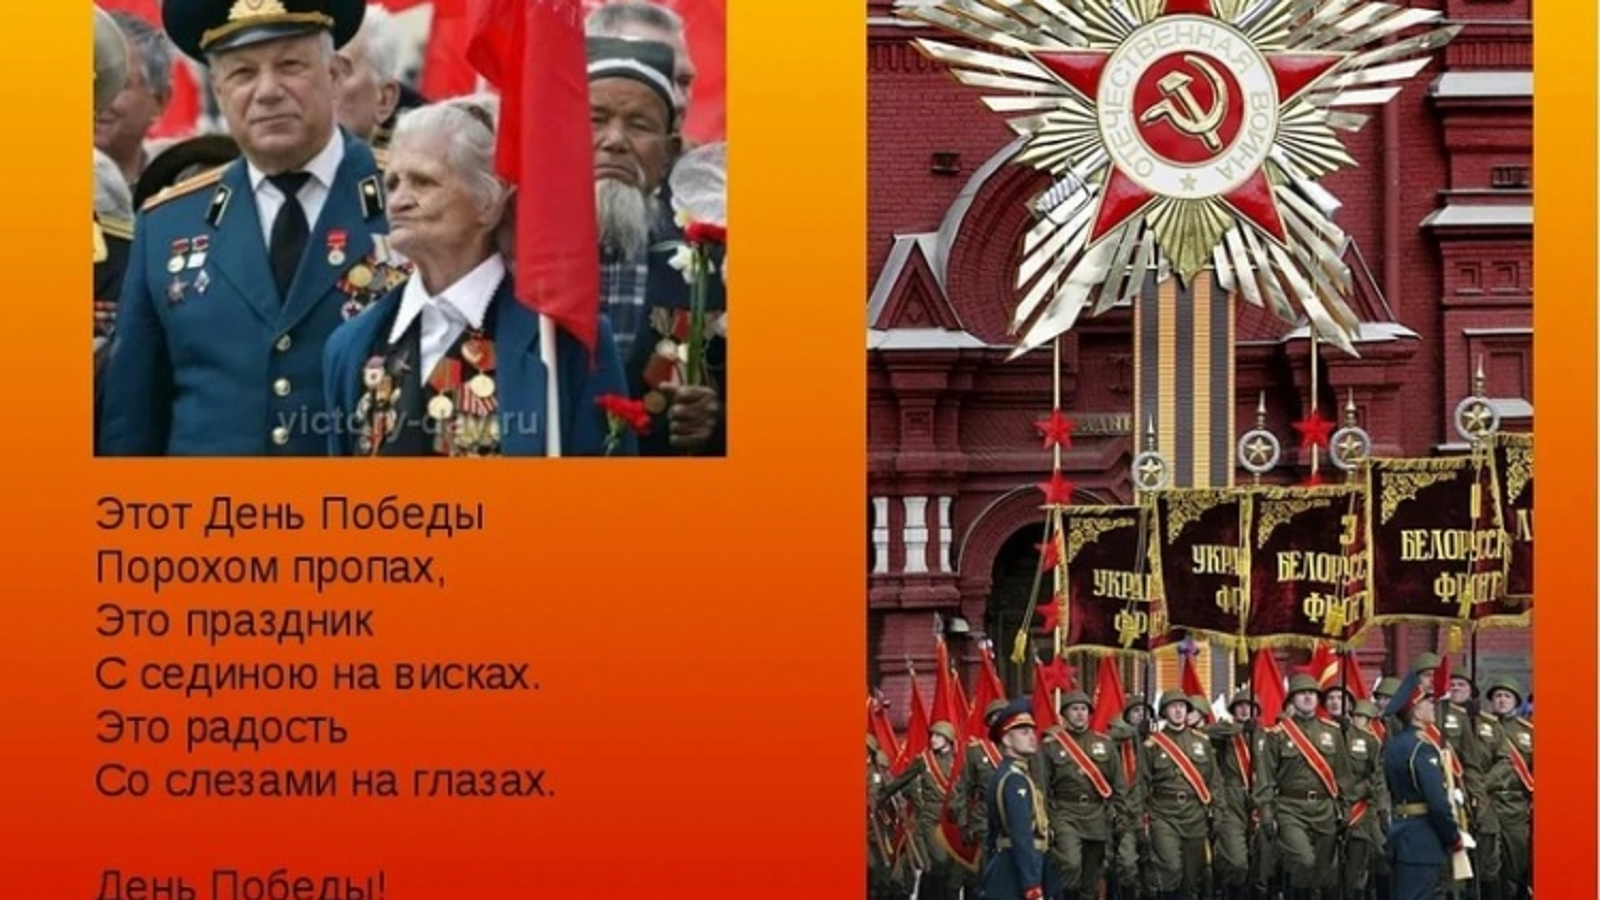 """Người dân Nga sẽ cùng hát bài """"Ngày Chiến thắng"""" từ ban công các ngôi nhà"""